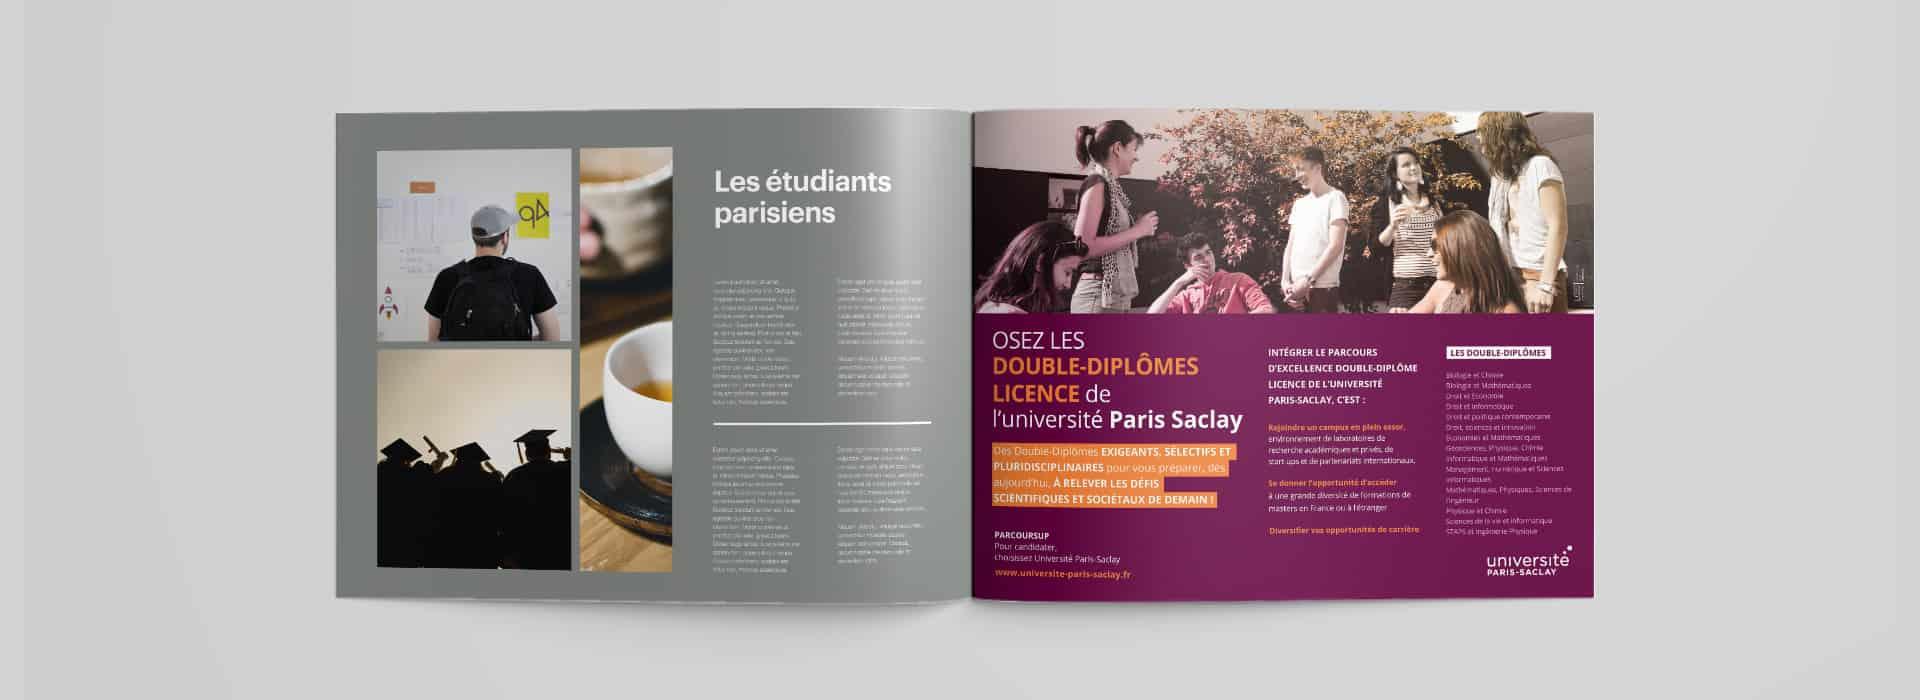 Université Paris-Saclay – Encart presse